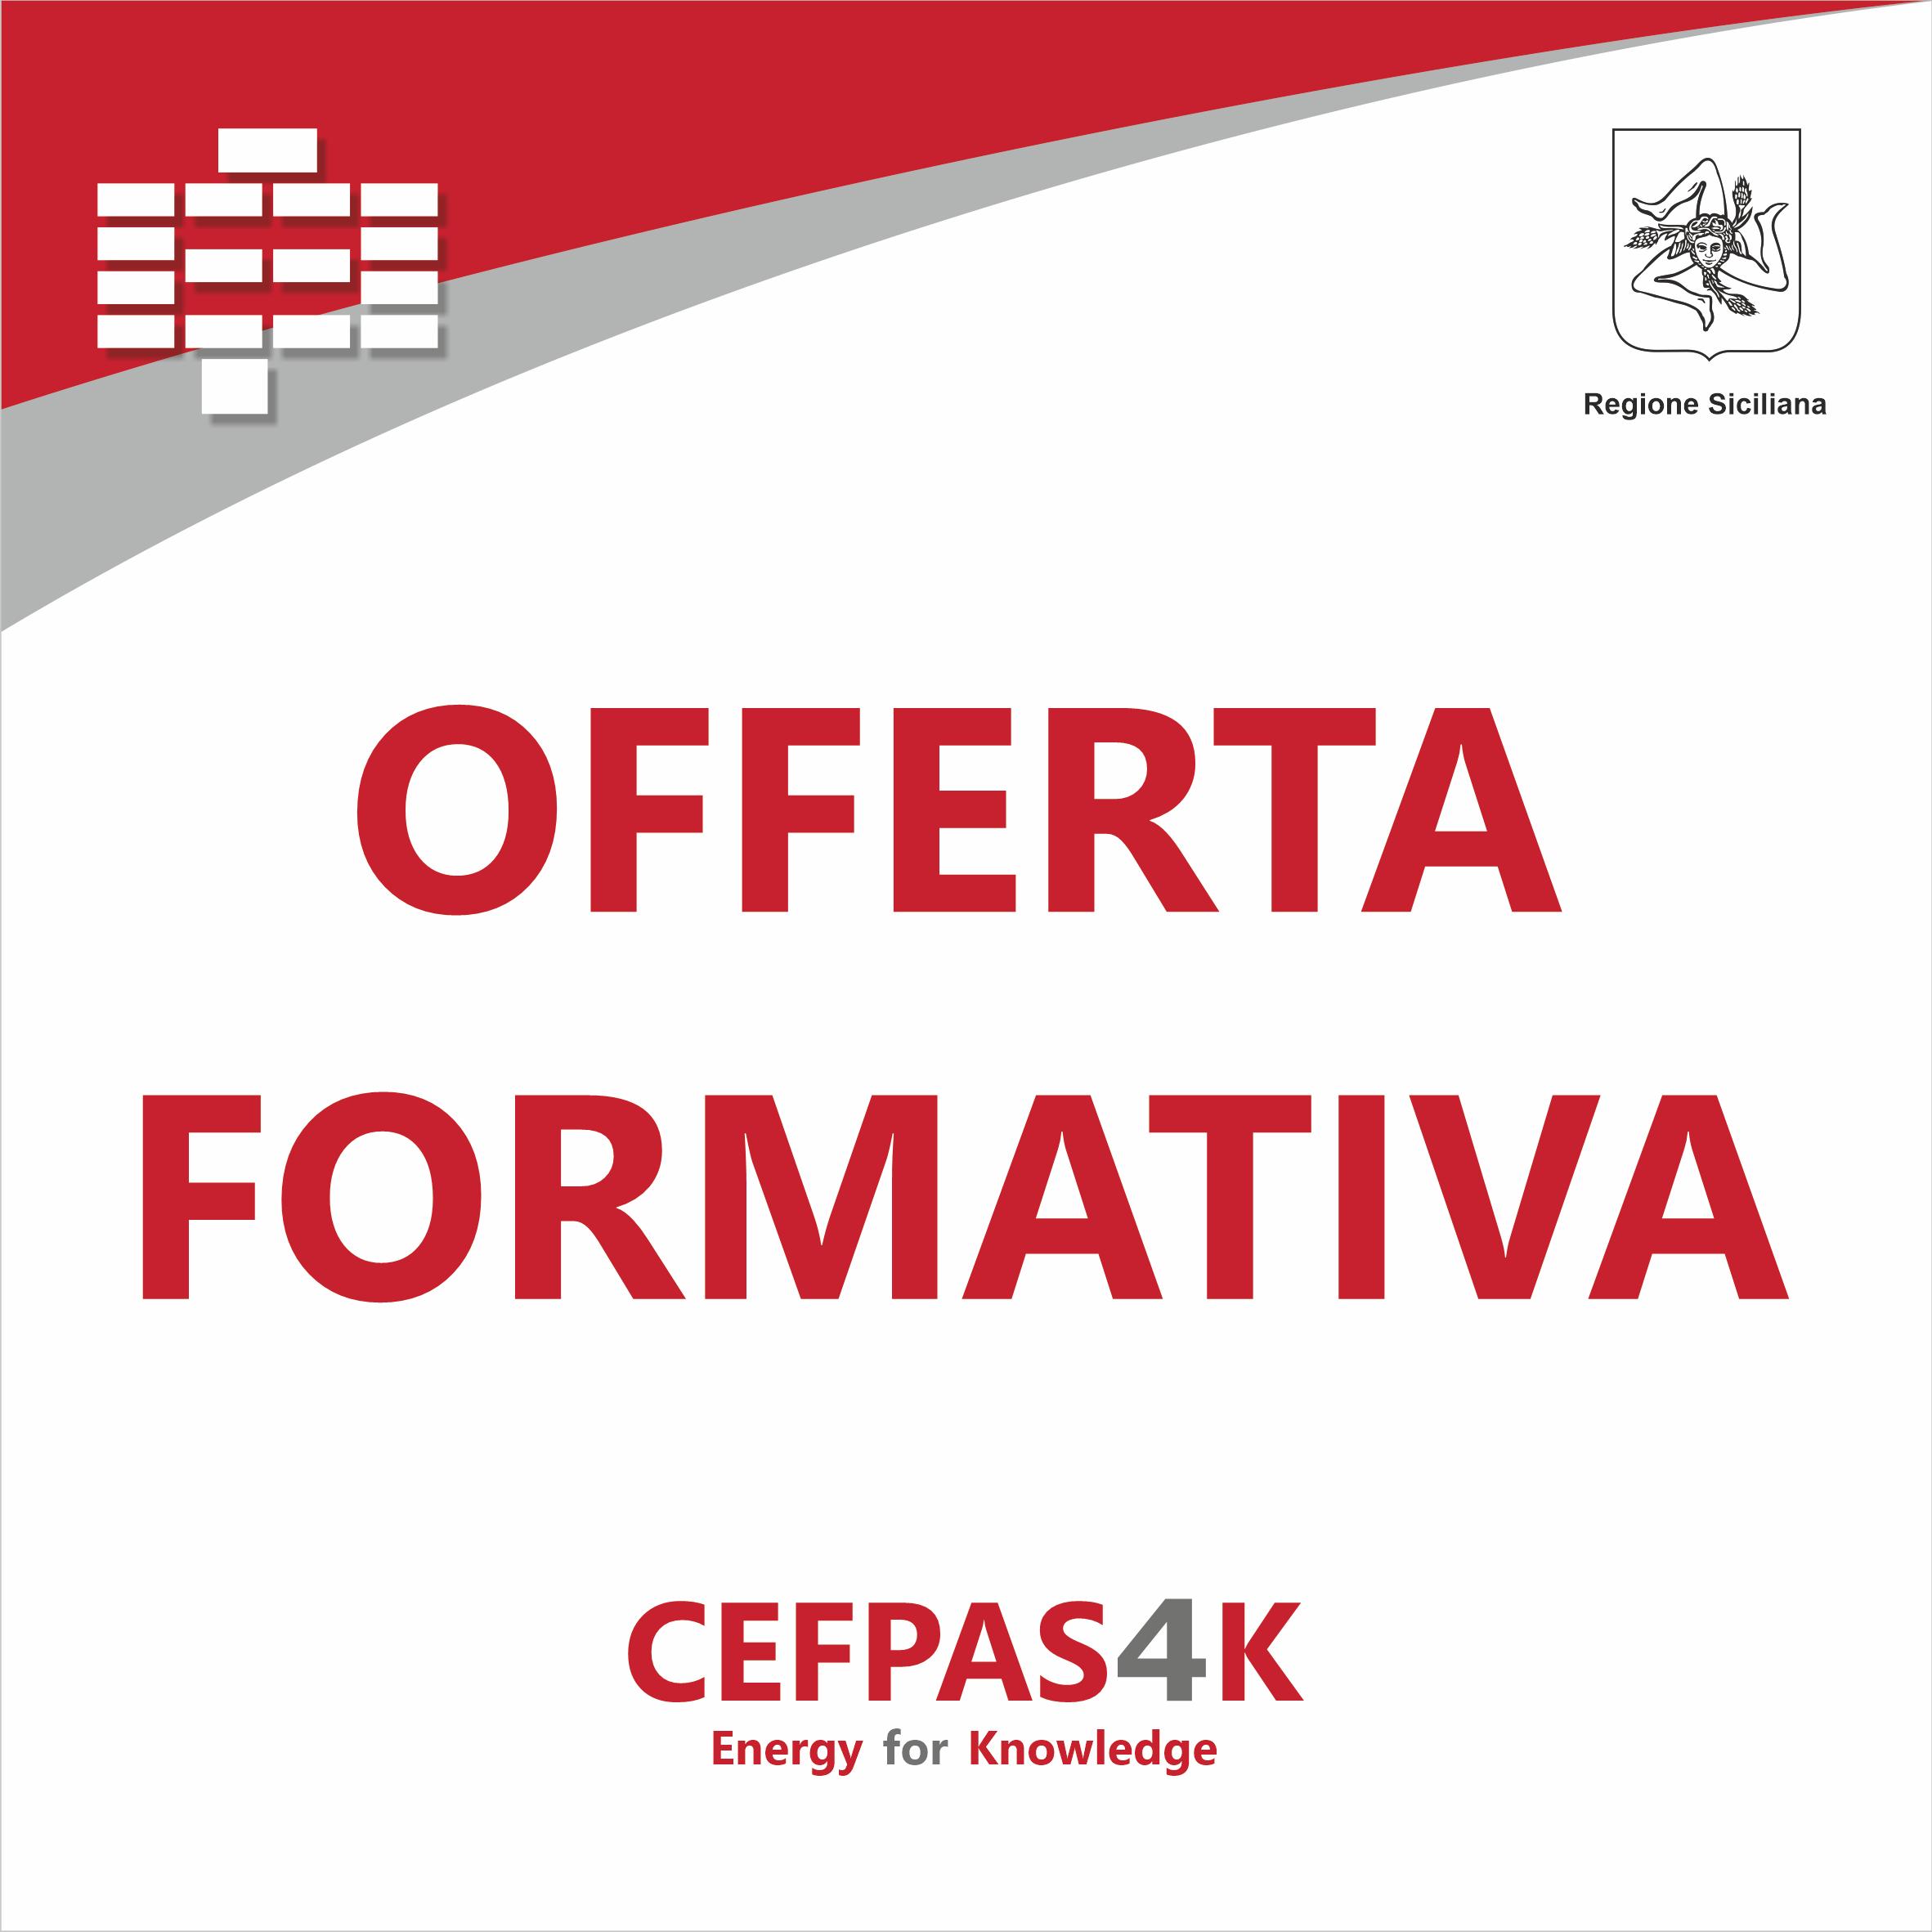 CEFPAS4K_Banner_Offerta_formativa_01